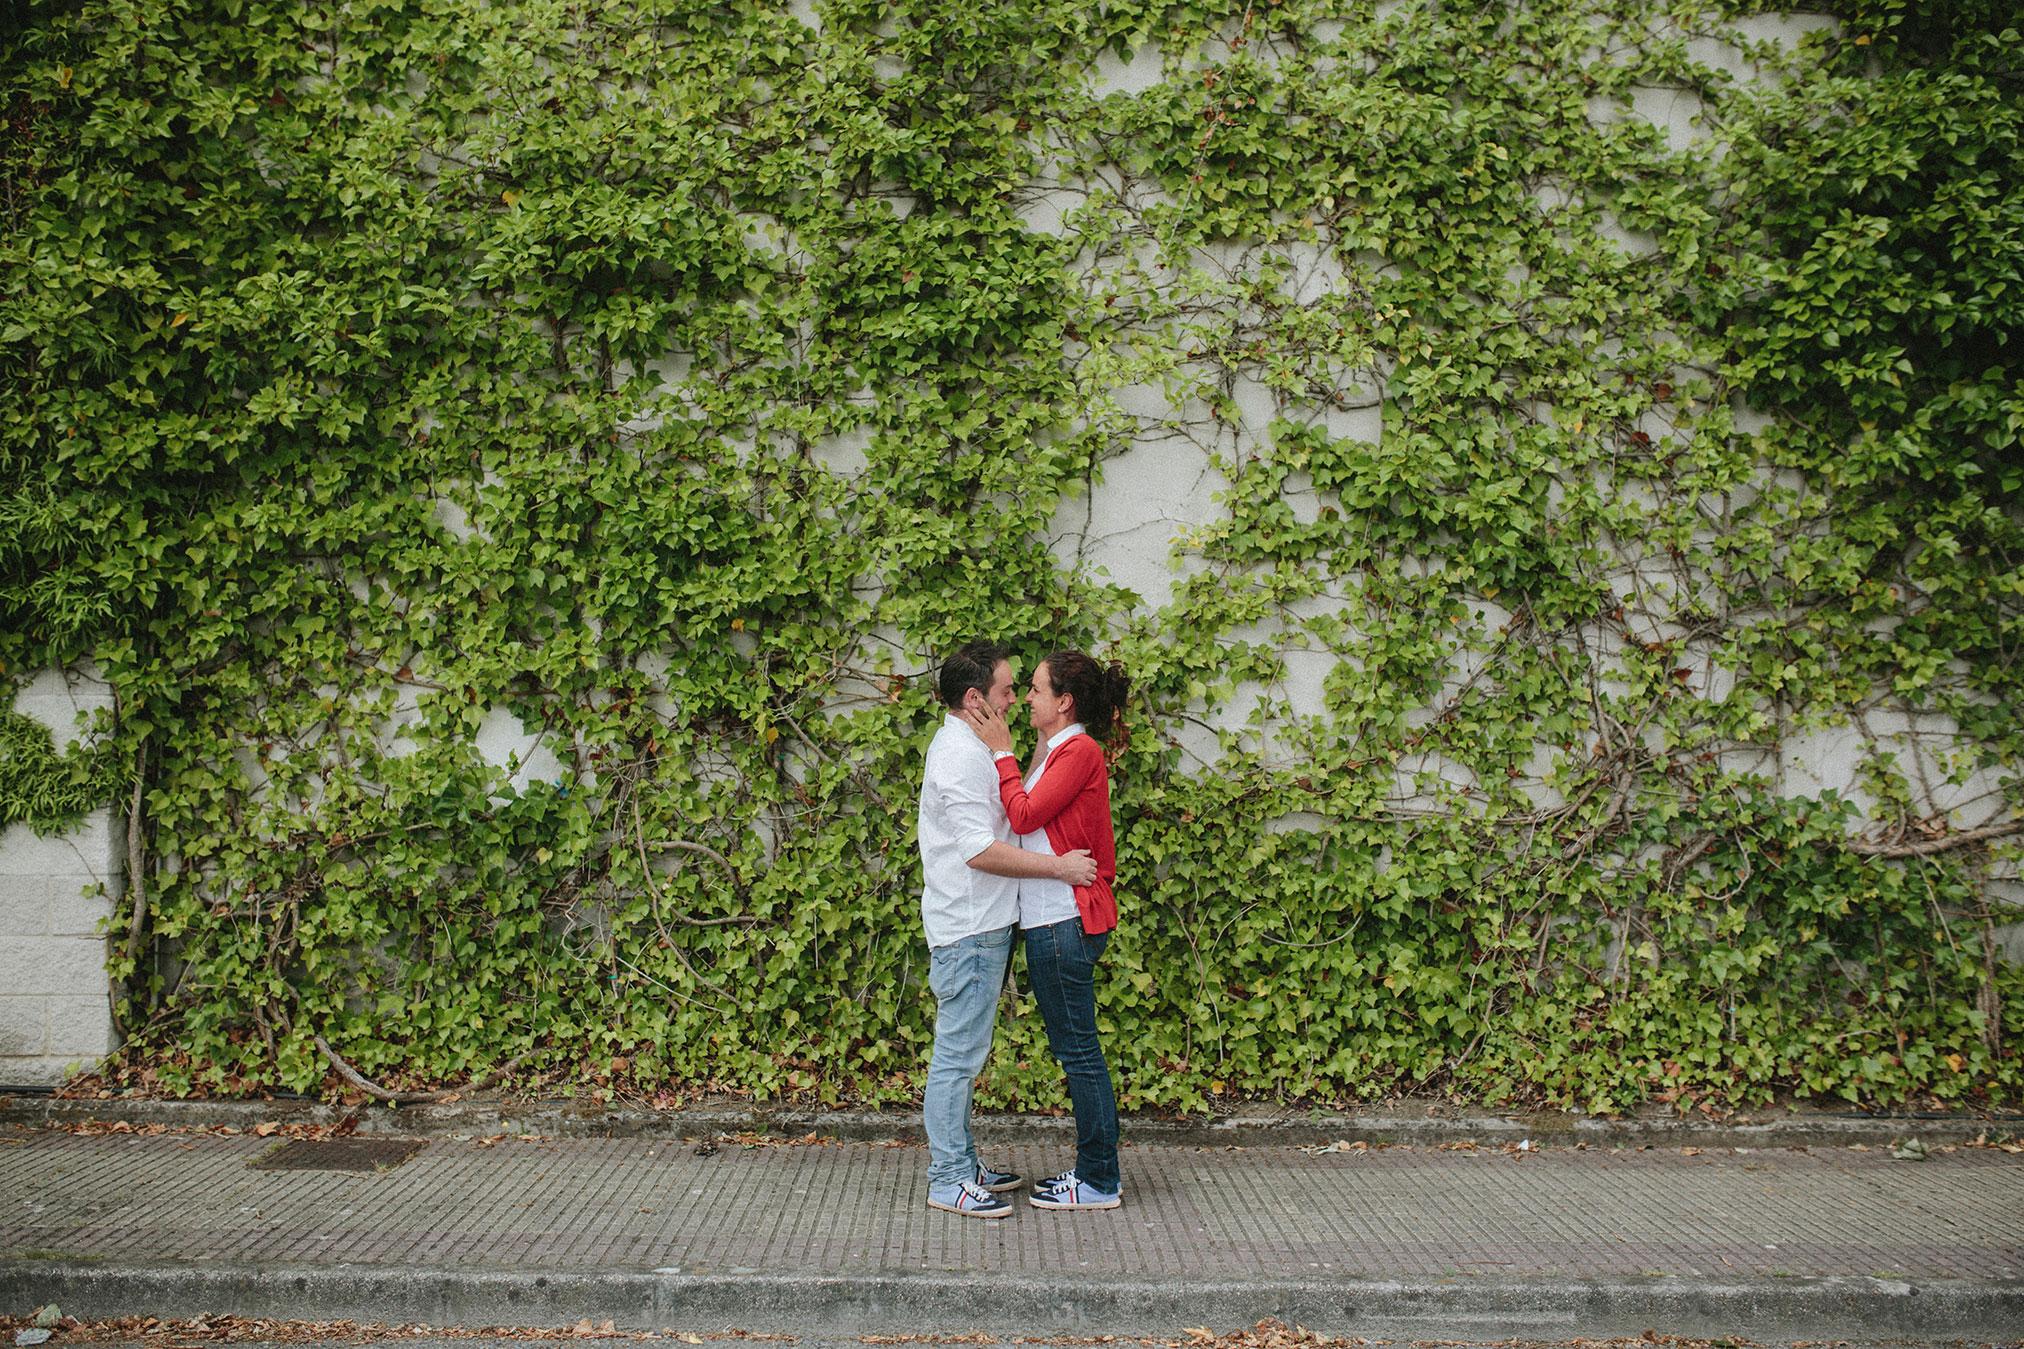 Couple Photographer Graciela Vilagudin Dublin Galicia 1387.jpg